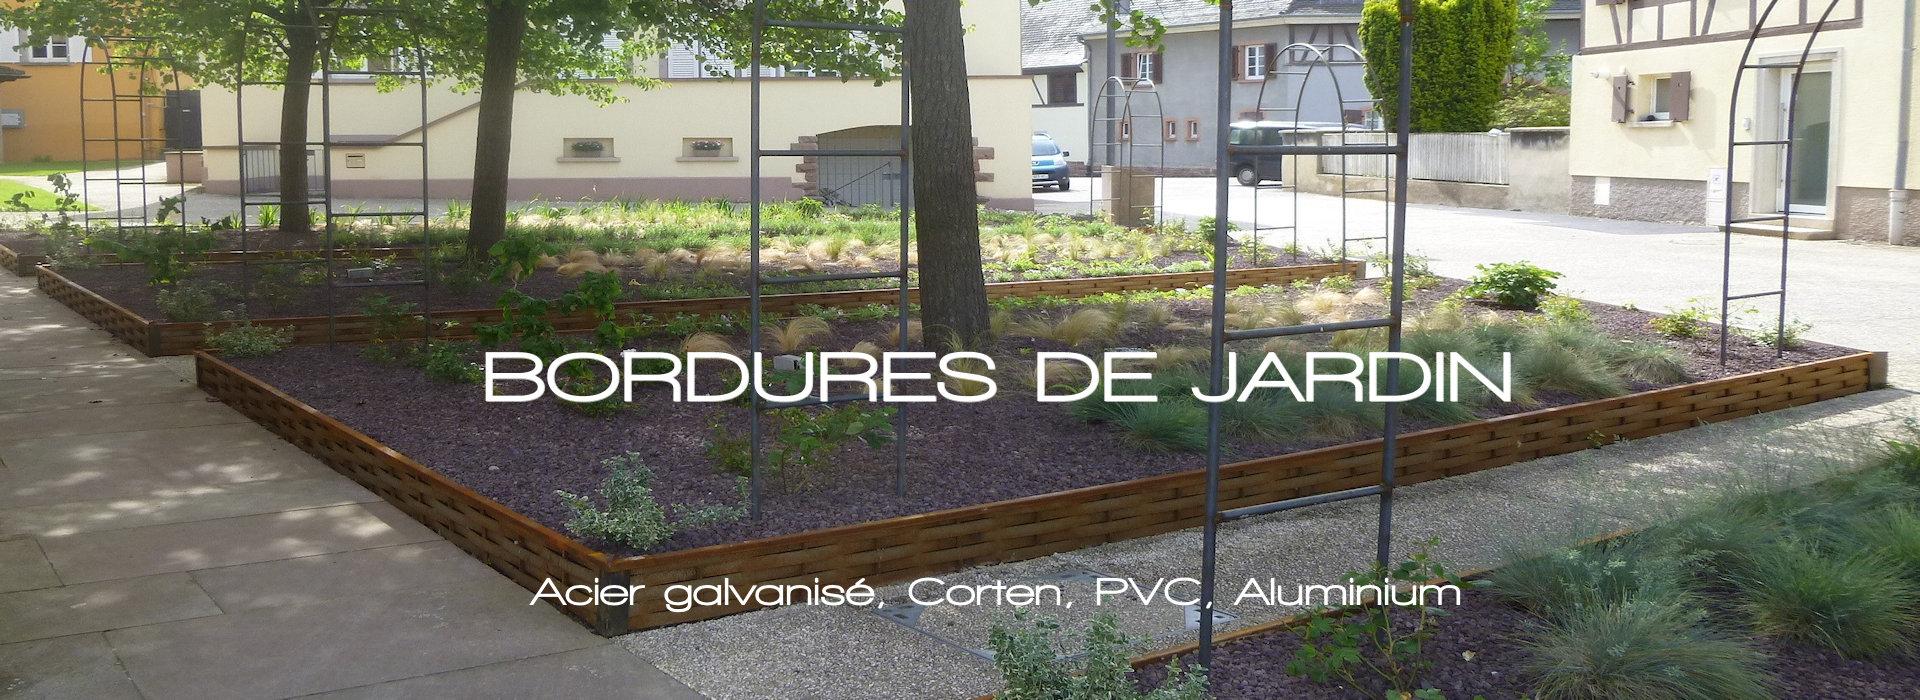 Bordure De Jardin Et Aménagement Du Jardin, Bordure Alu avec Bordure Jardin Acier Corten Jardiland